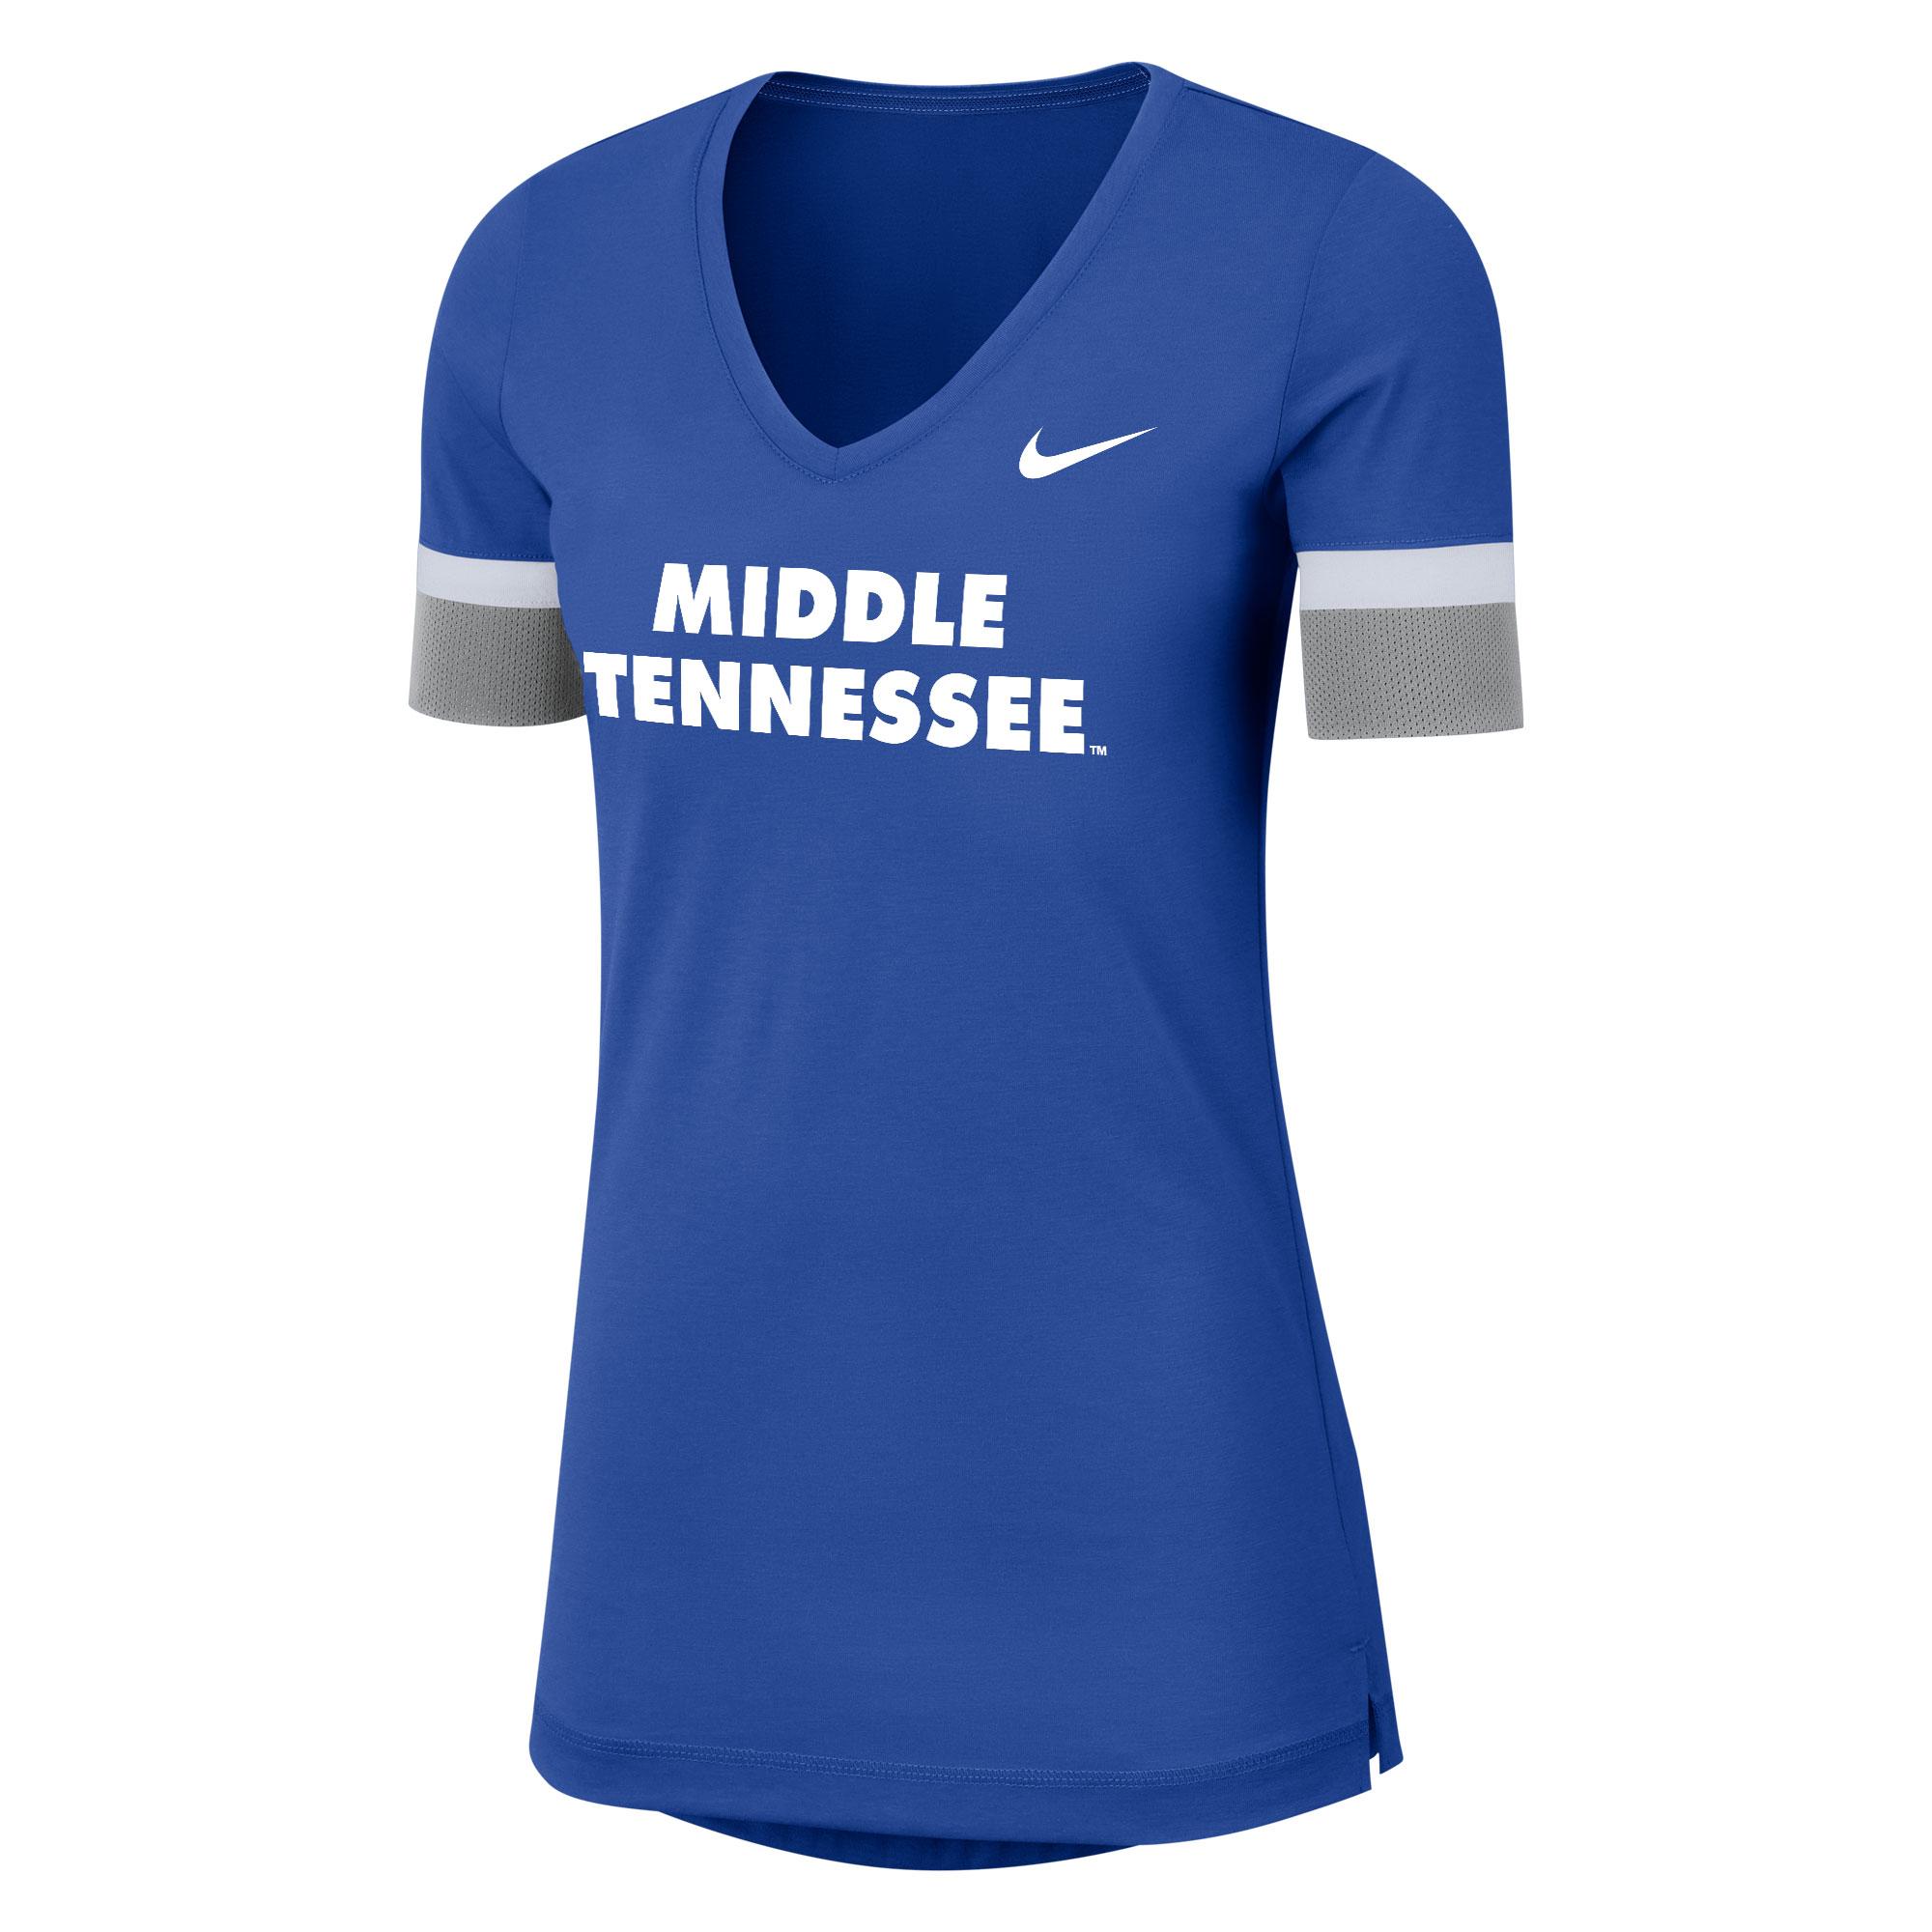 Middle Tennessee Nike® Sideline Women's Fan Vneck